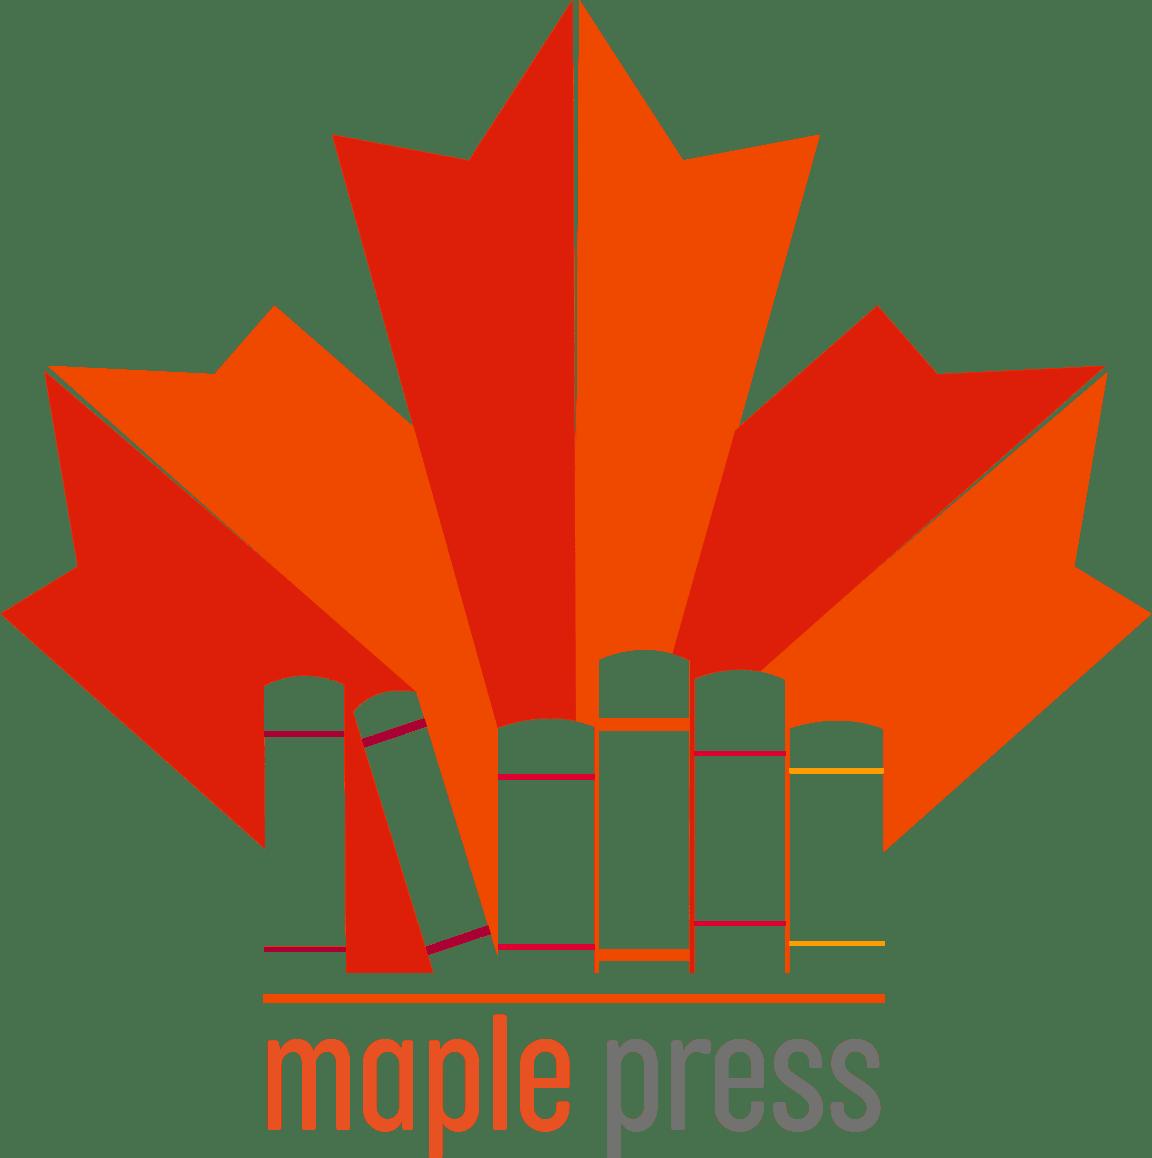 Maple Press